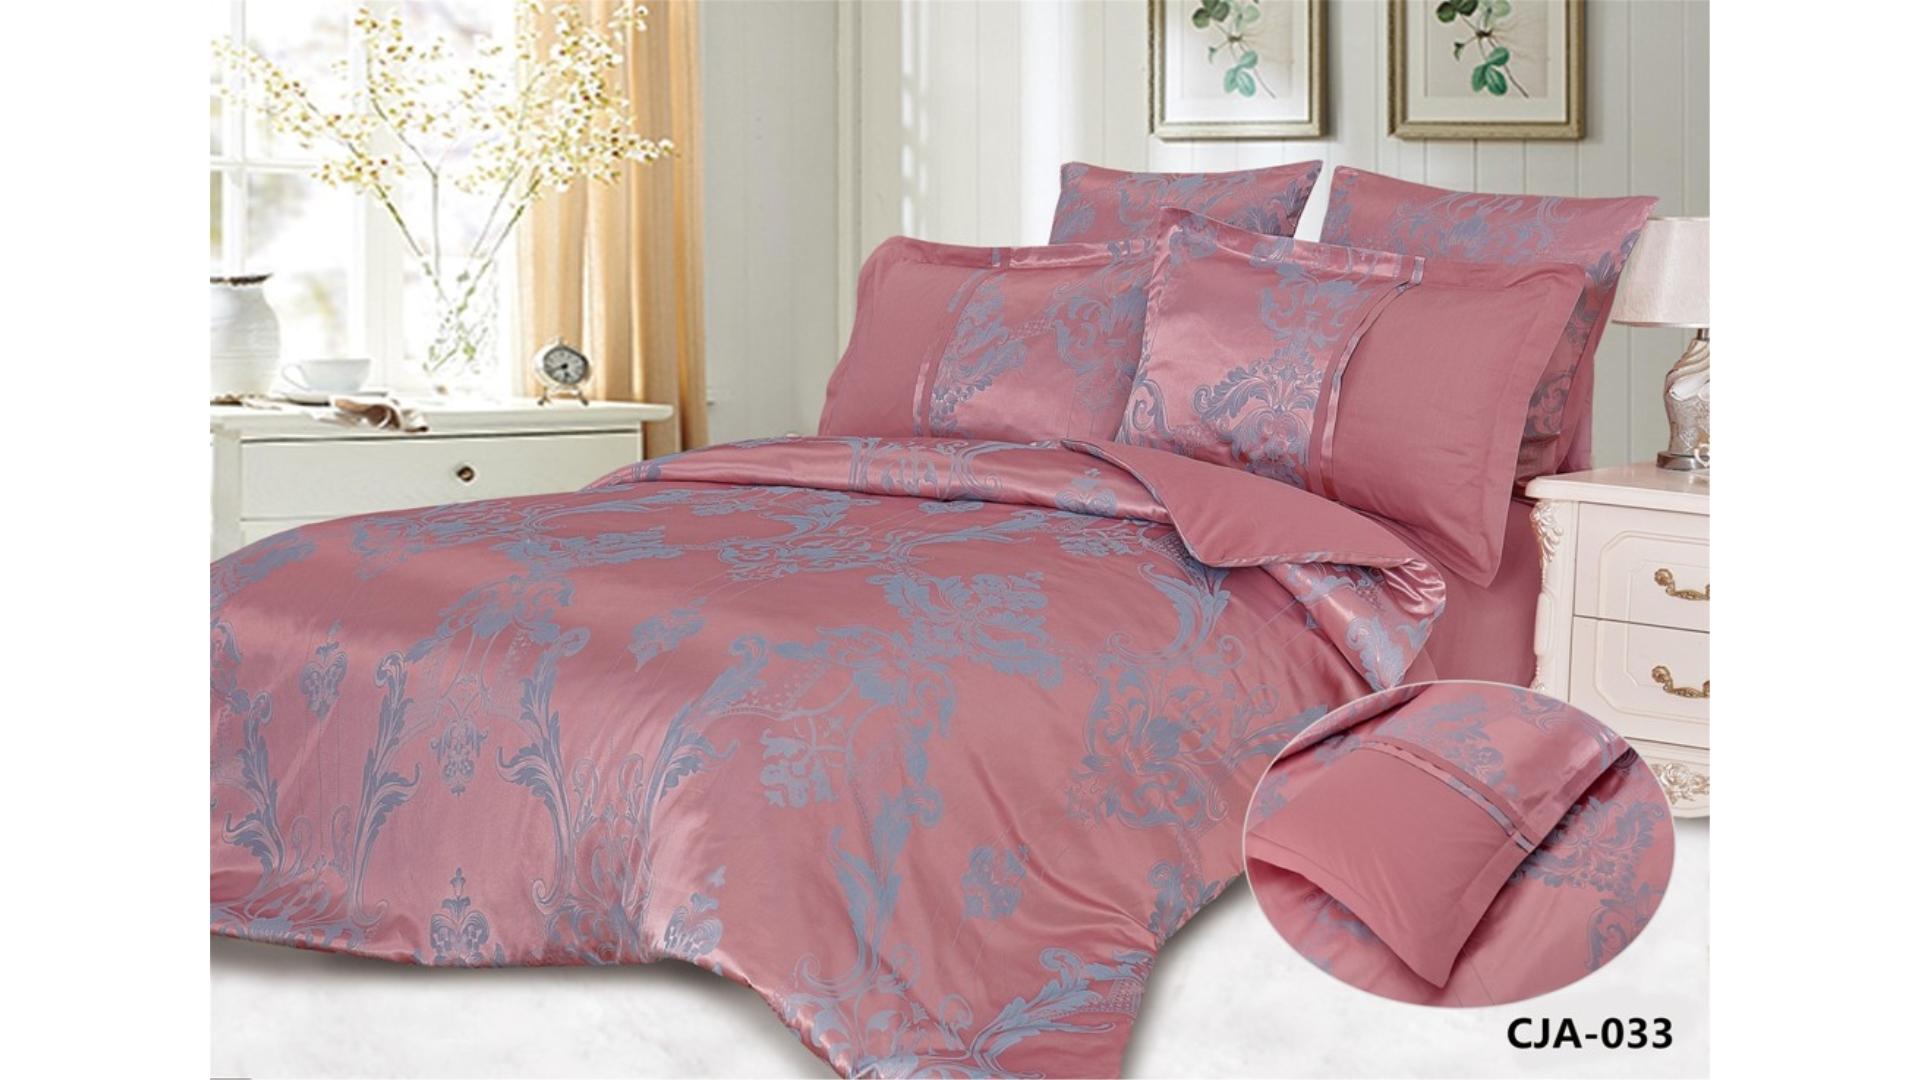 Комплект постельного белья AlViTek (CJA-033) фото FullHD (0)